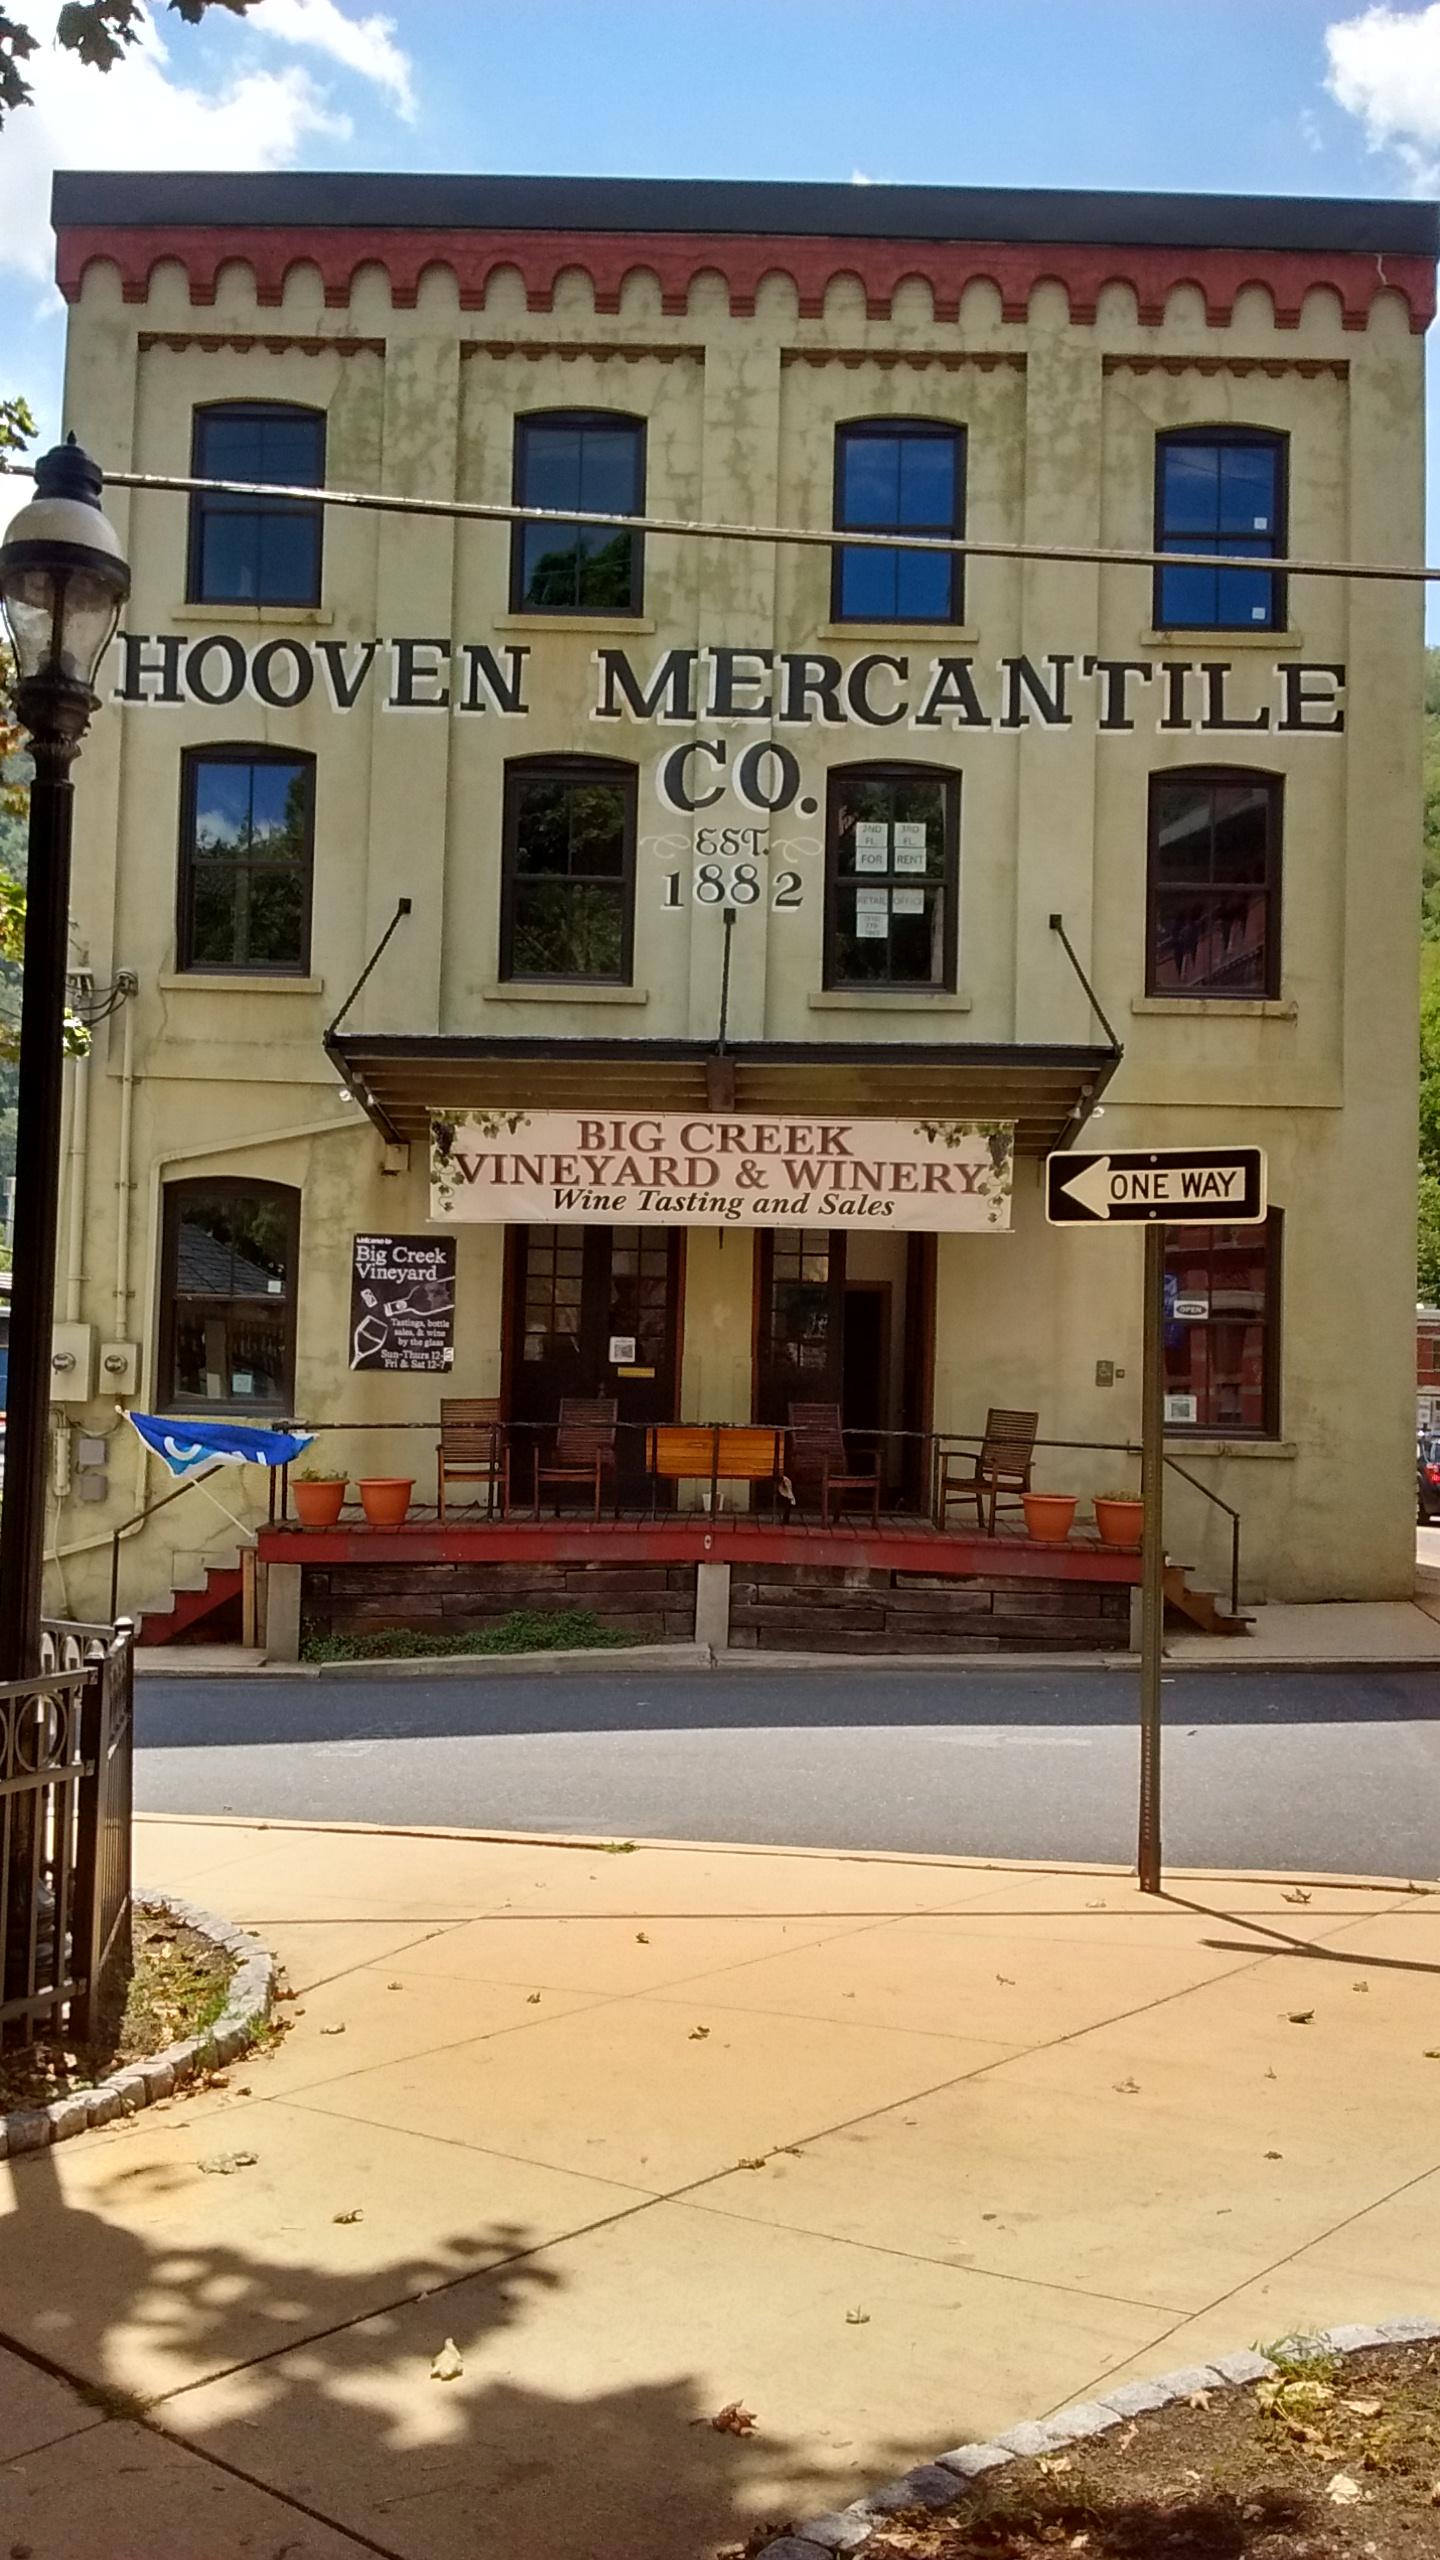 Hooven Mercantile